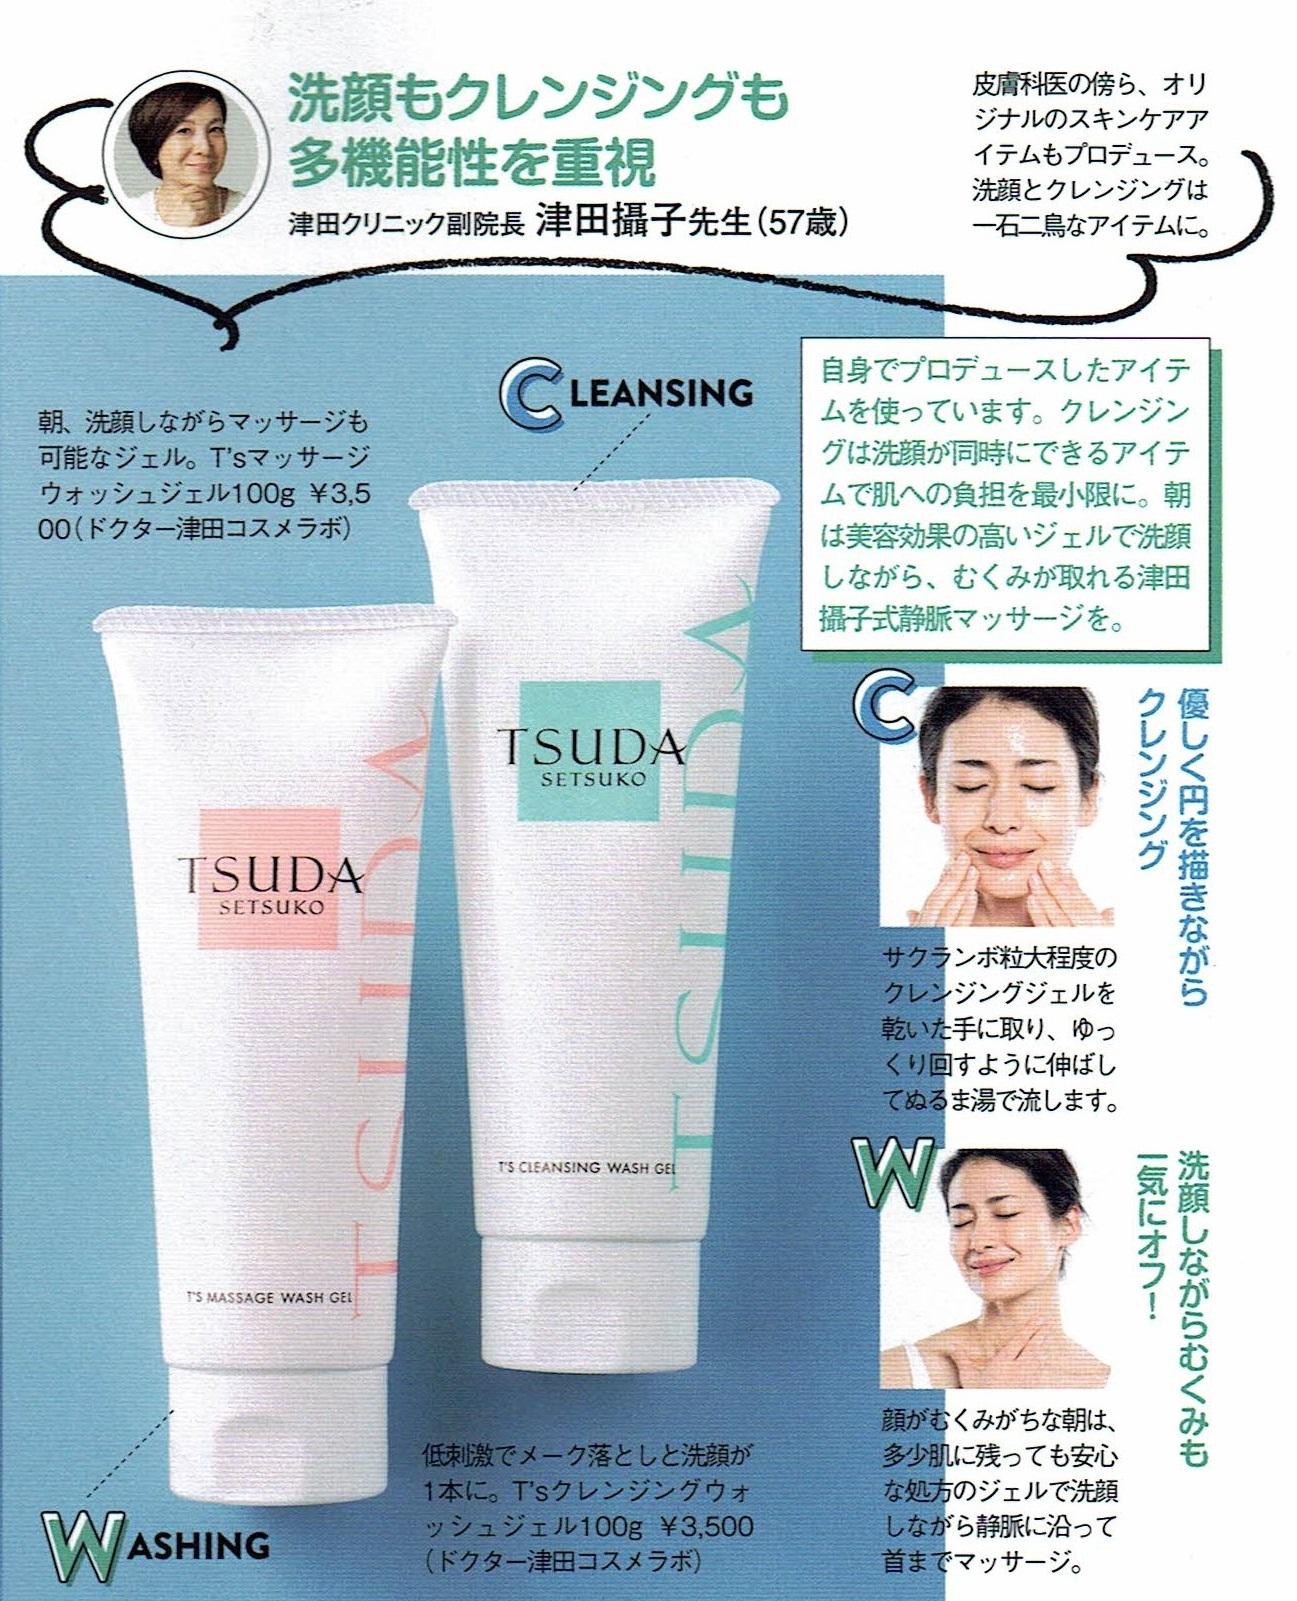 紫外線 洗顔